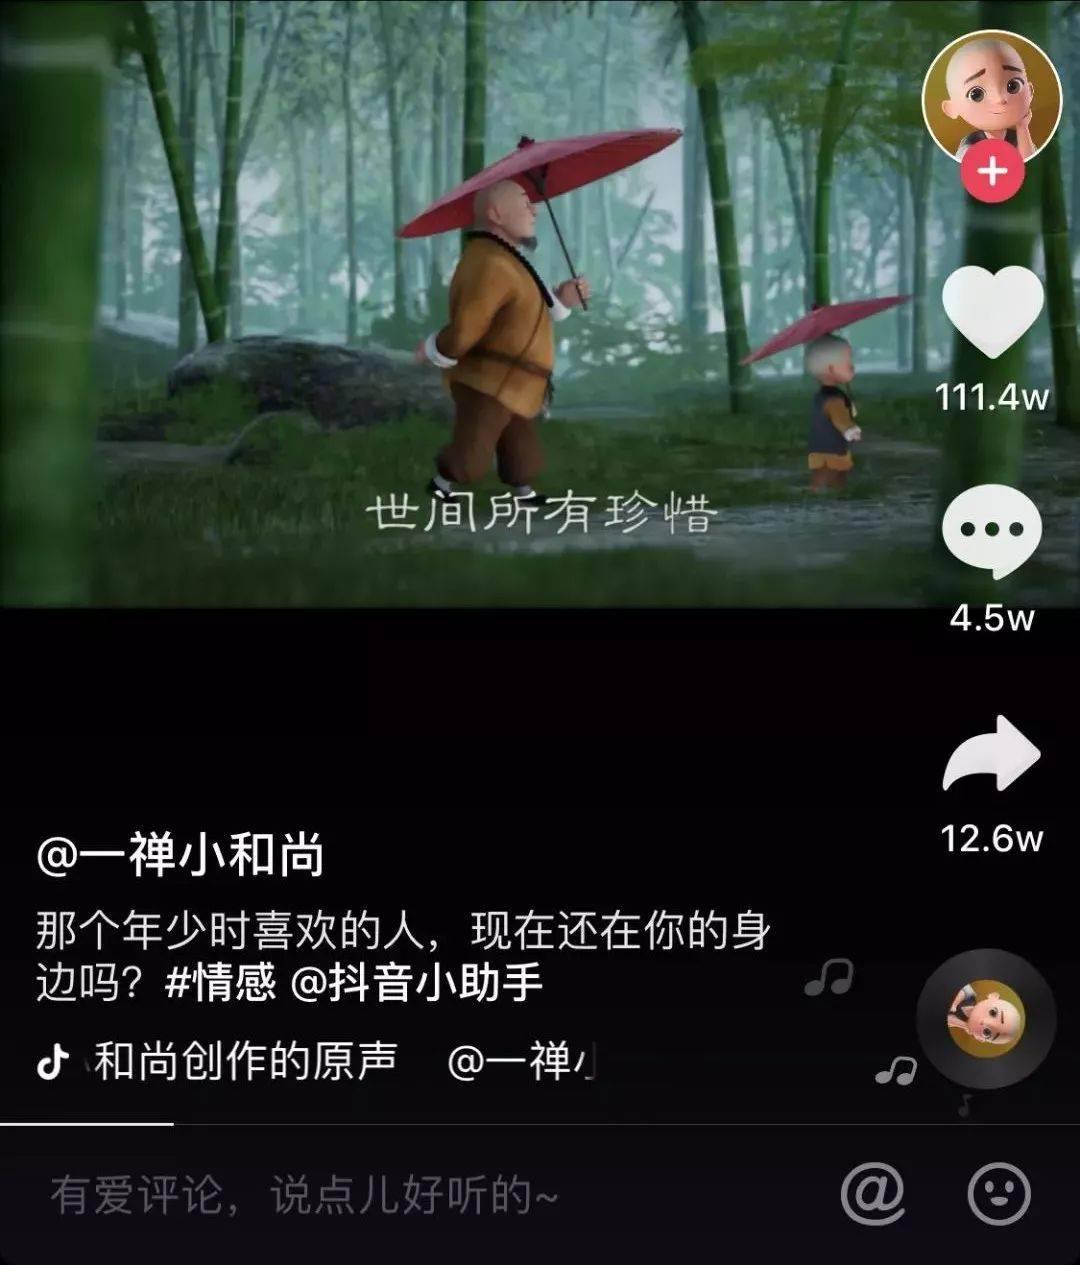 鸟哥笔记,新媒体运营,岳遥,短视频